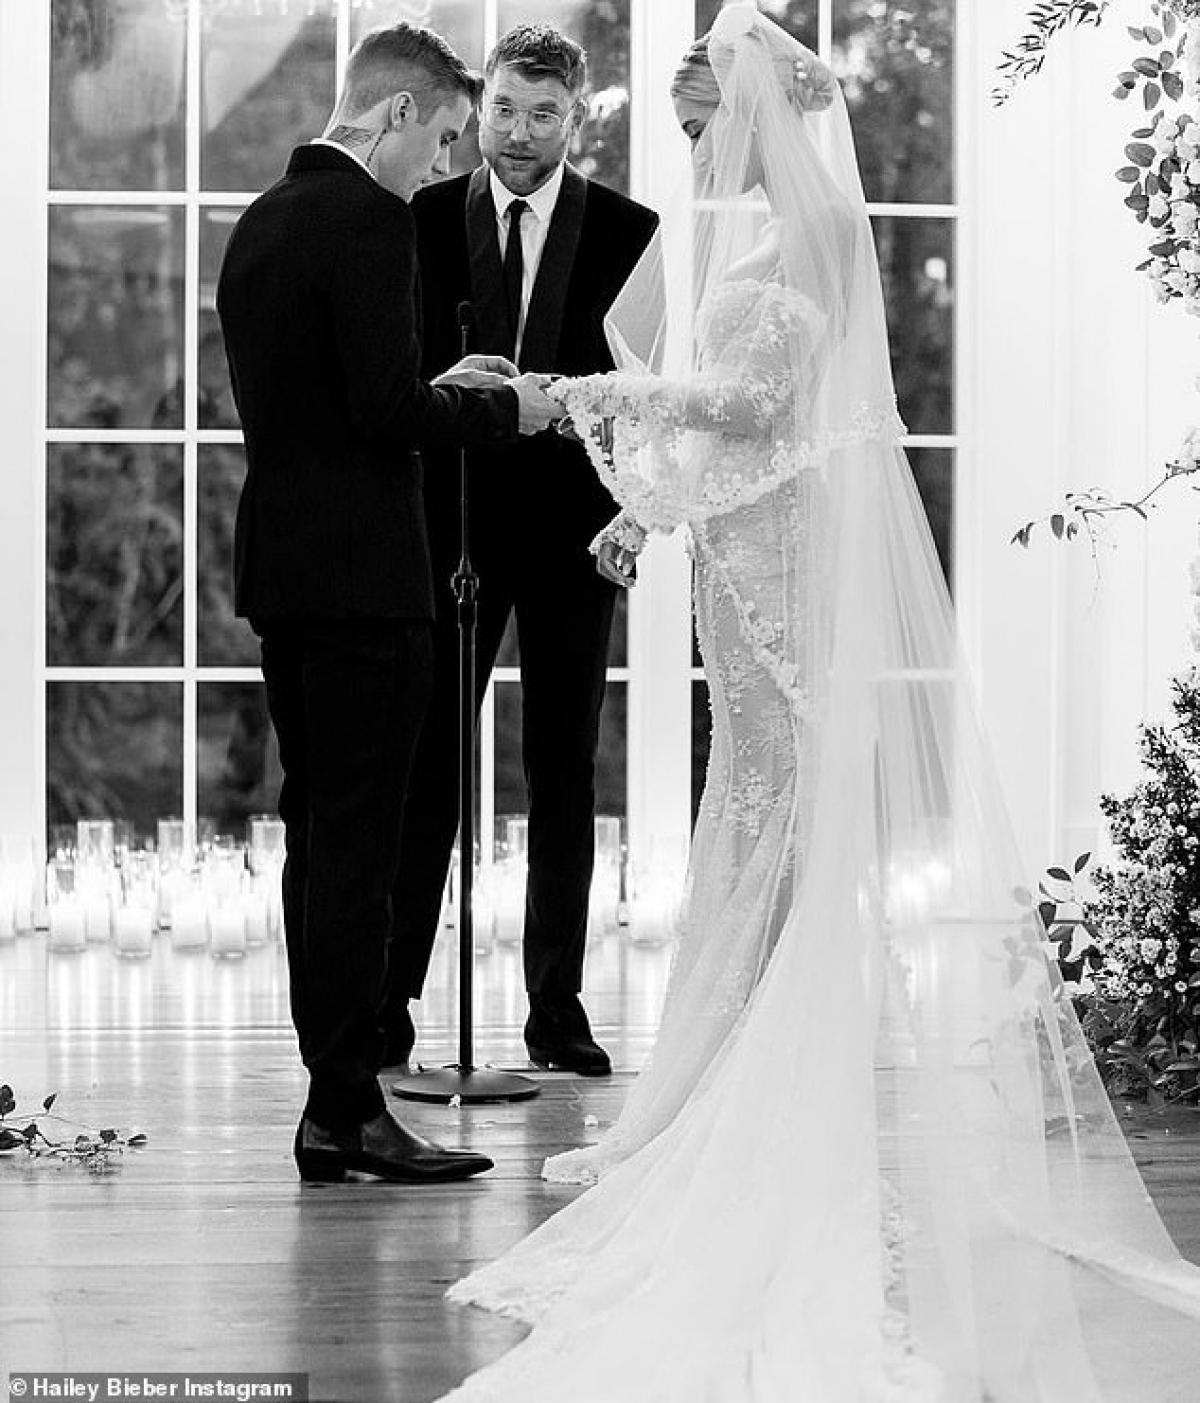 """Justin Bieber viết: """"Hailey, anh thật may mắn vì được làm chồng của em. Mỗi ngày trôi qua, anh đều cố gắng sống tốt hơn mỗi ngày khi sống cạnh em. Anh hứa dành tình yêu trọn vẹn cho em trong quãng thời gian còn lại của cuộc đời. Anh sẽ giúp em đạt được những ước mơ của mình. Chúc mừng kỷ niệm một năm ngày cưới, cô gái đáng yêu của anh""""."""